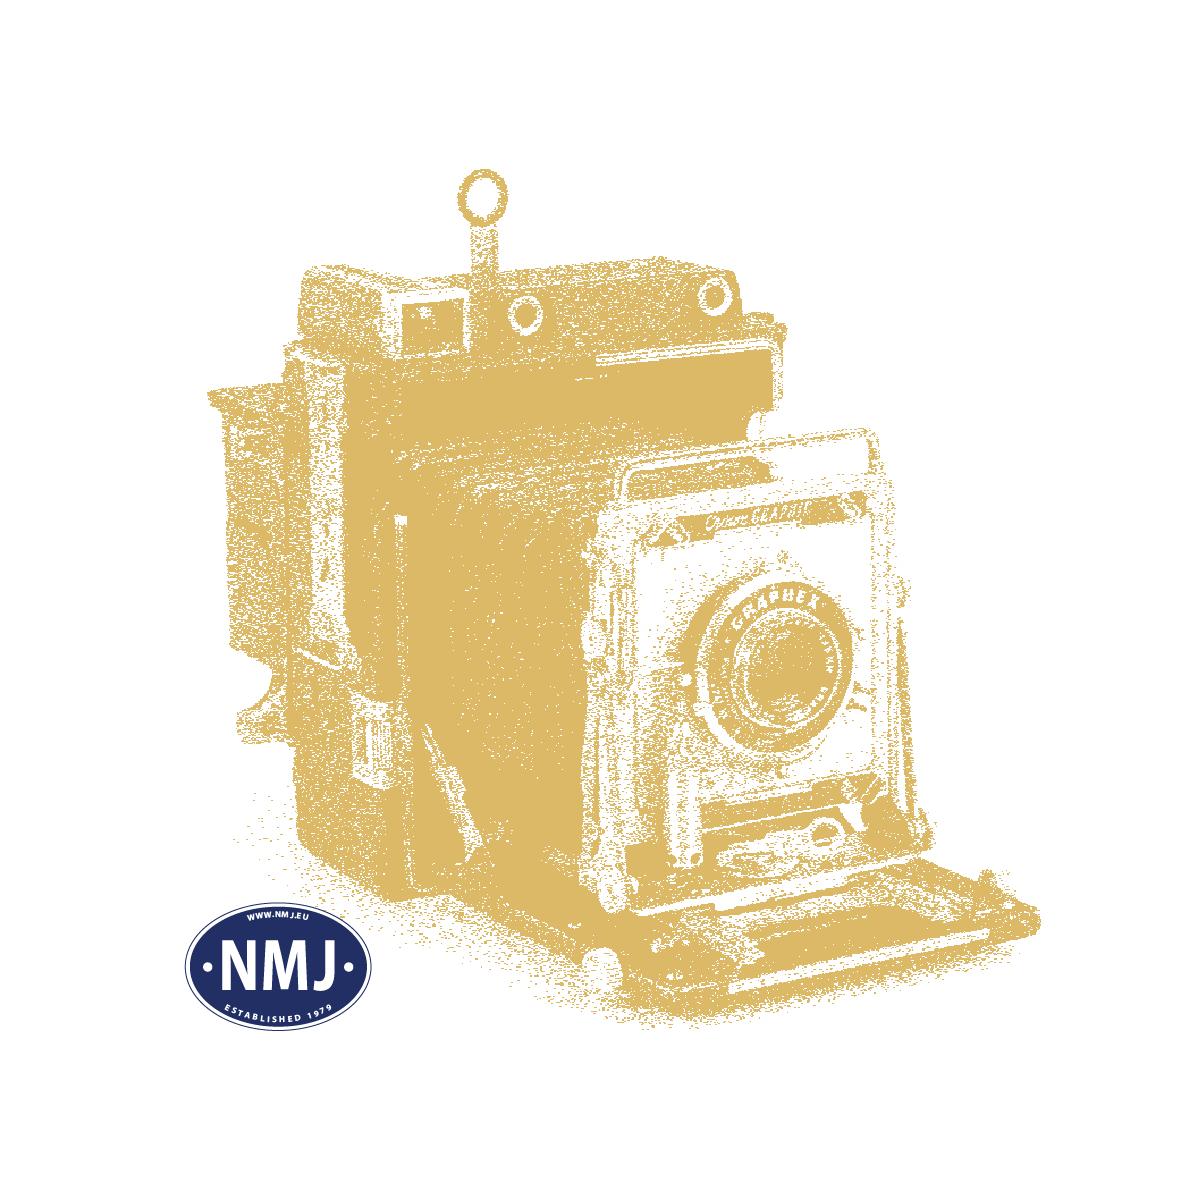 NMJT107.103 - NMJ Topline NSB B3-2 25625 Gammeldesign